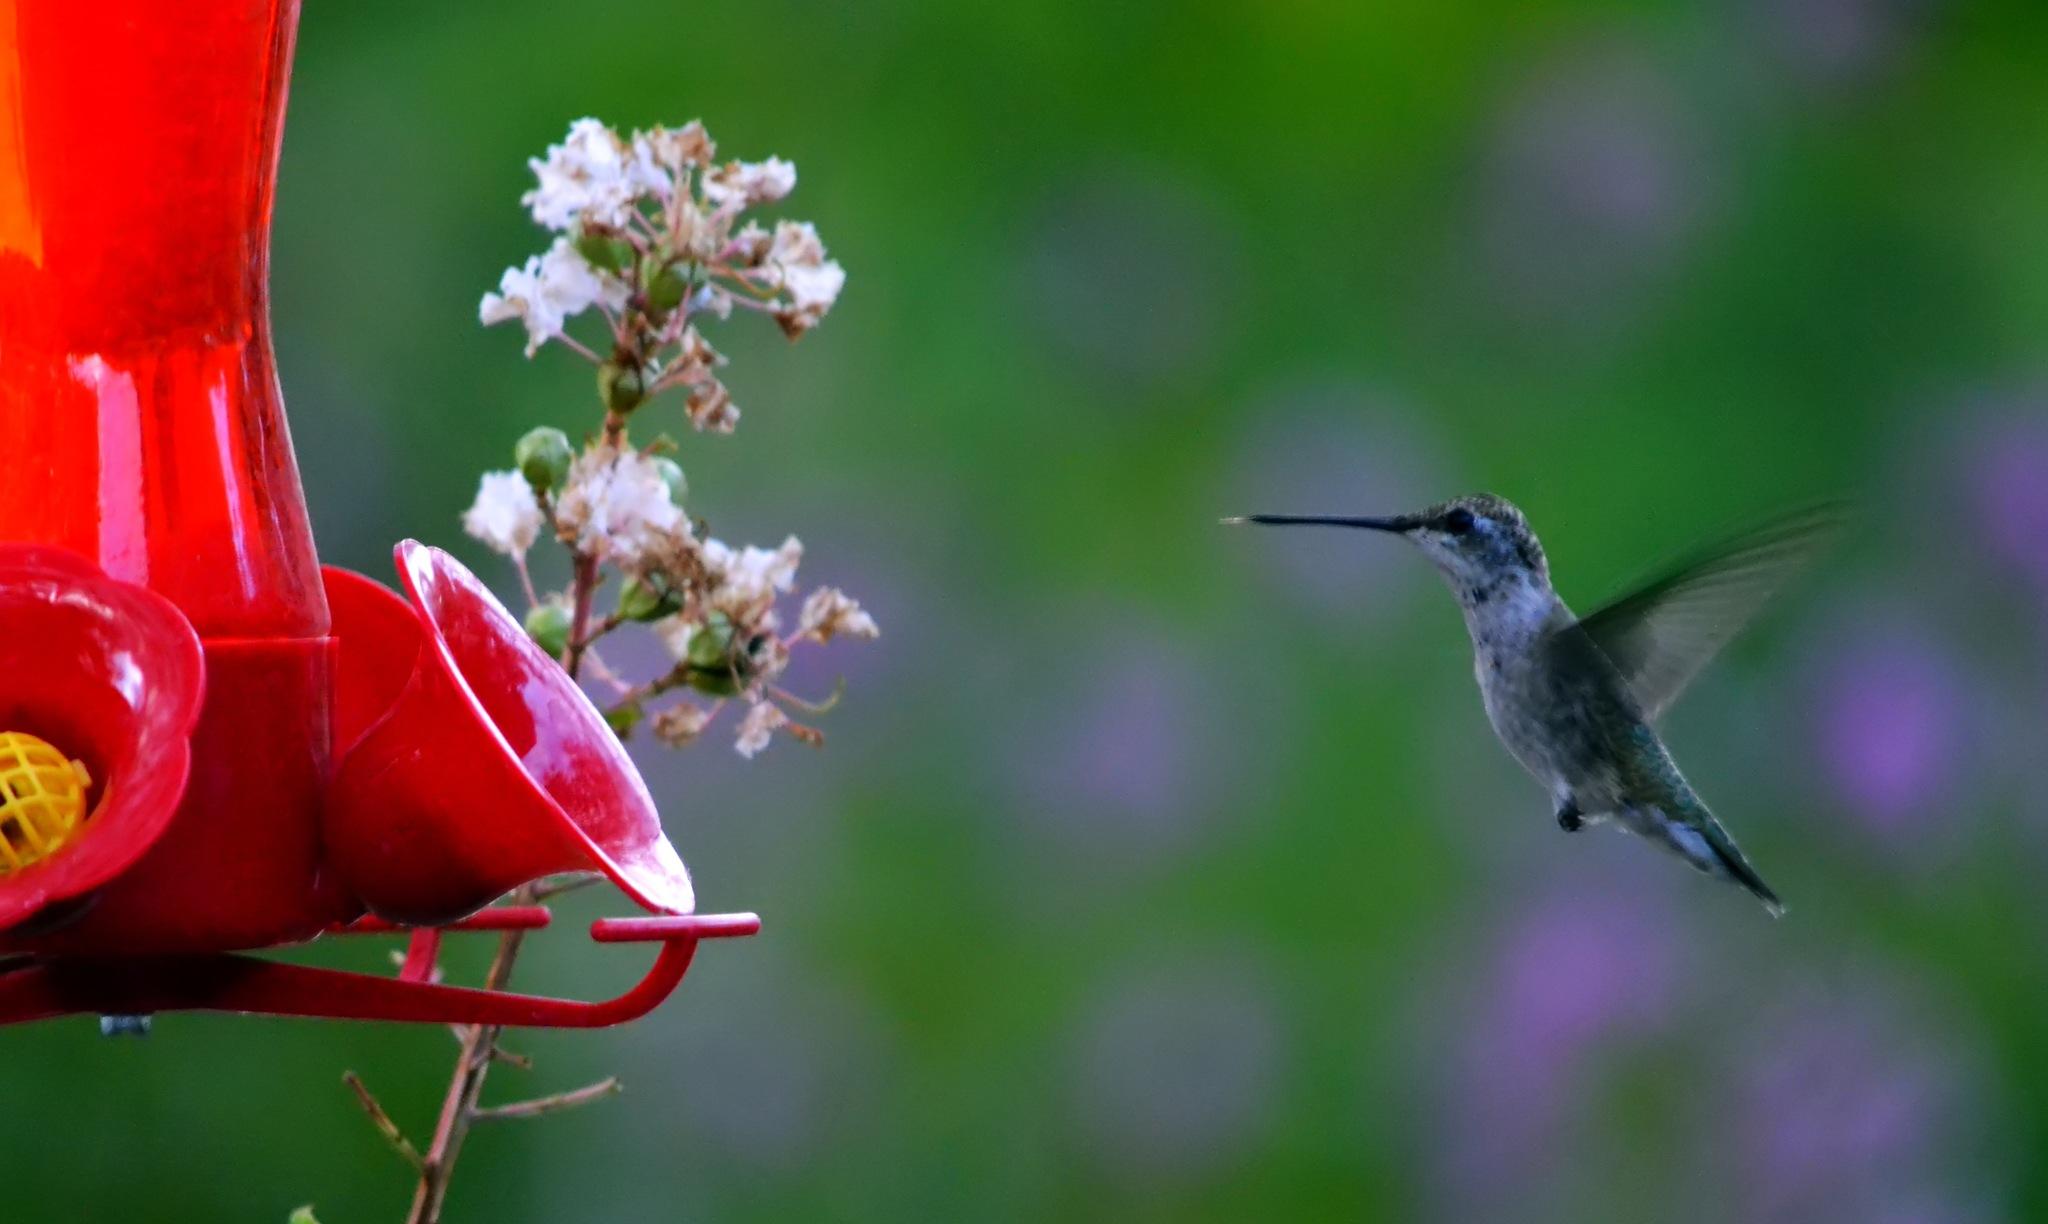 Hummingbird by kelli.oconnormays